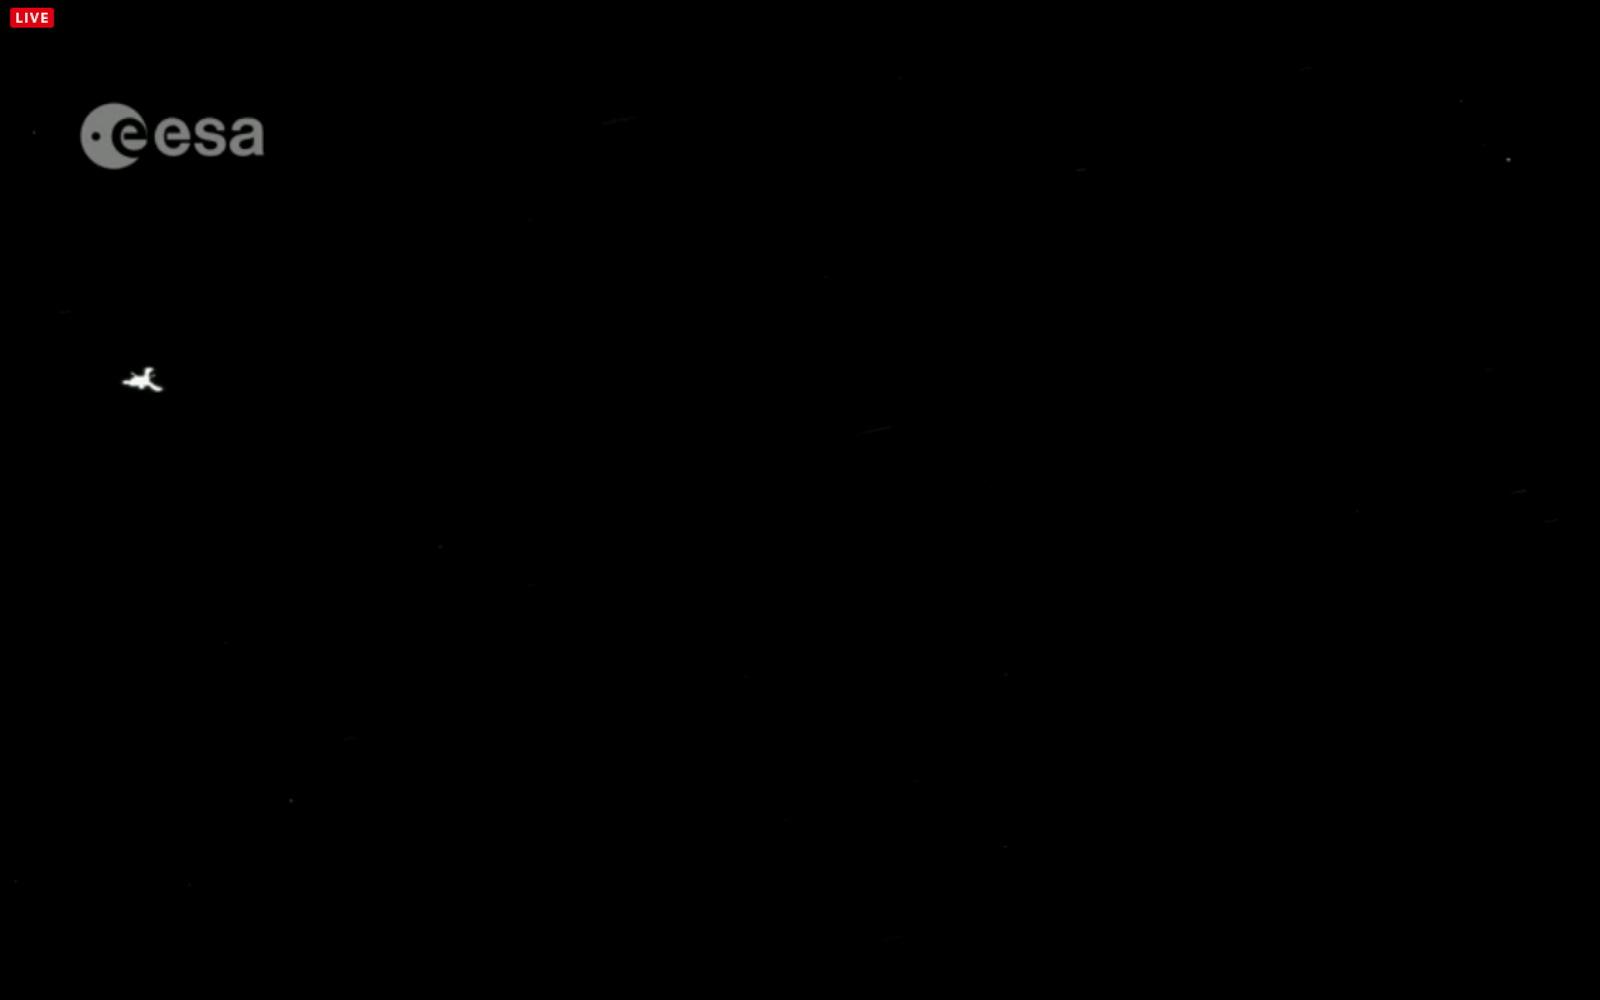 Philae Lander Seen by Rosetta Spacecraft